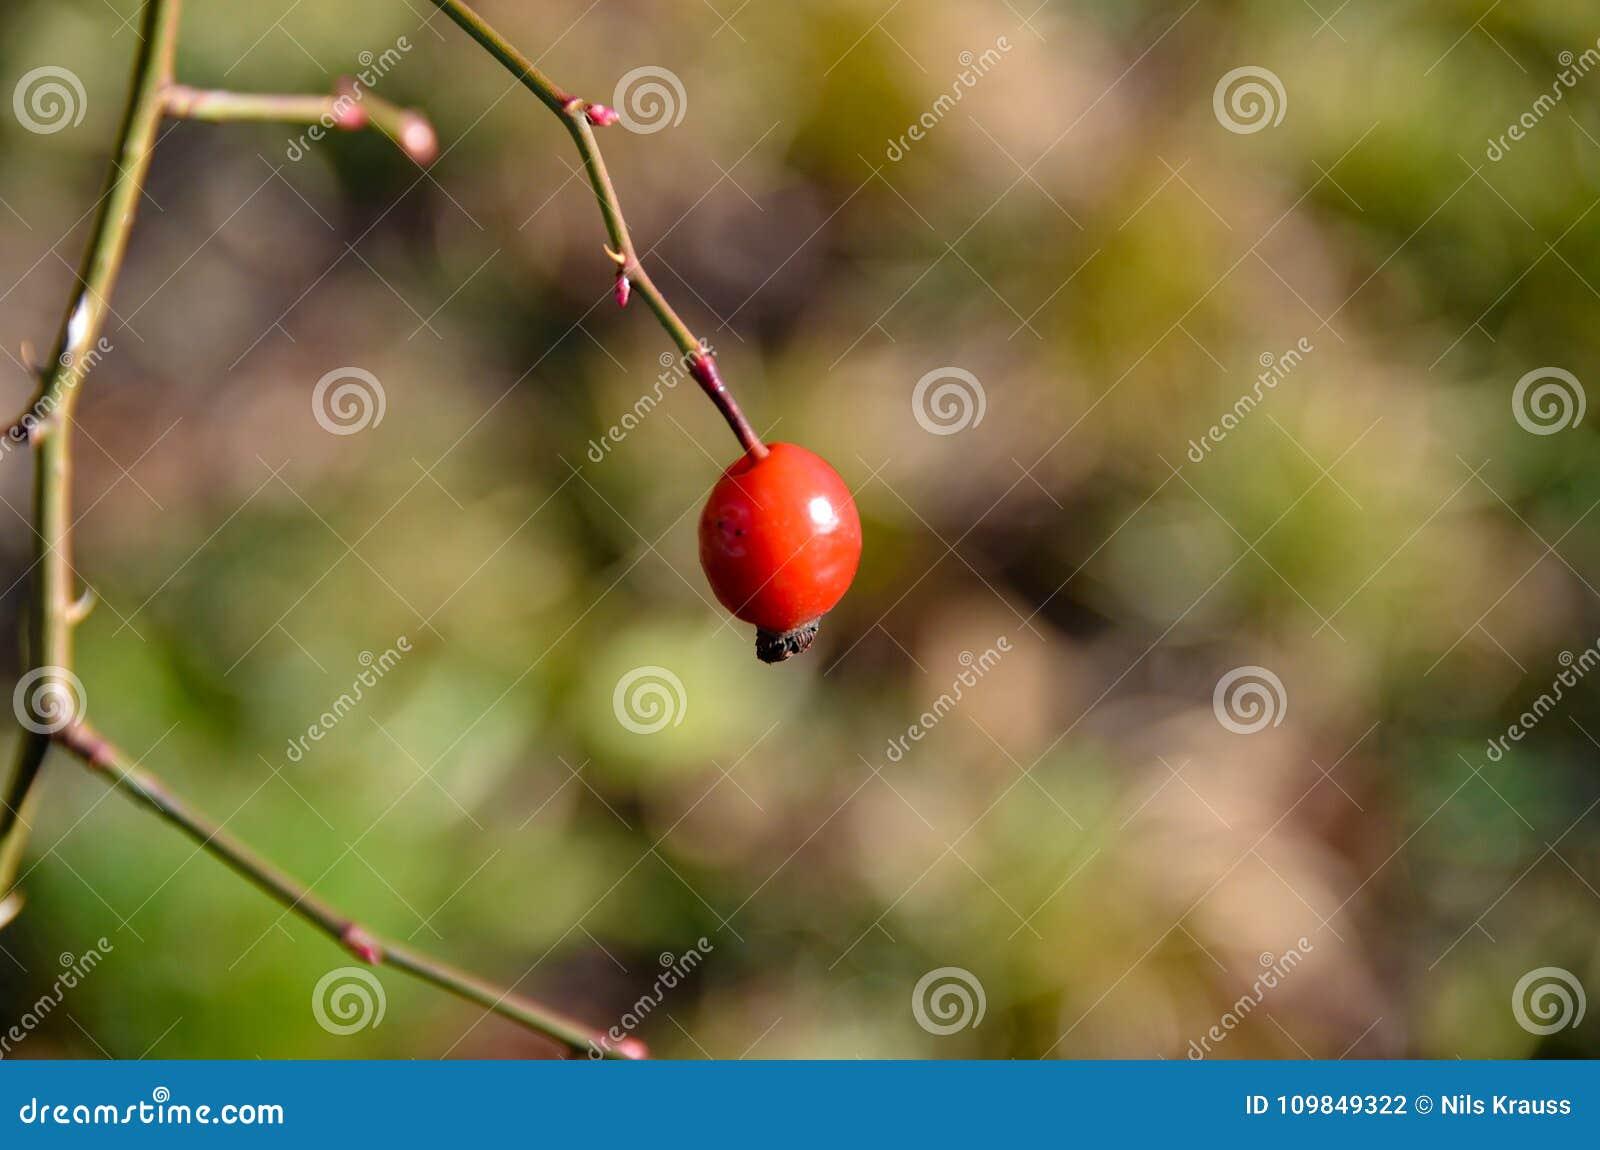 Rose Hip sola roja en una sola rama